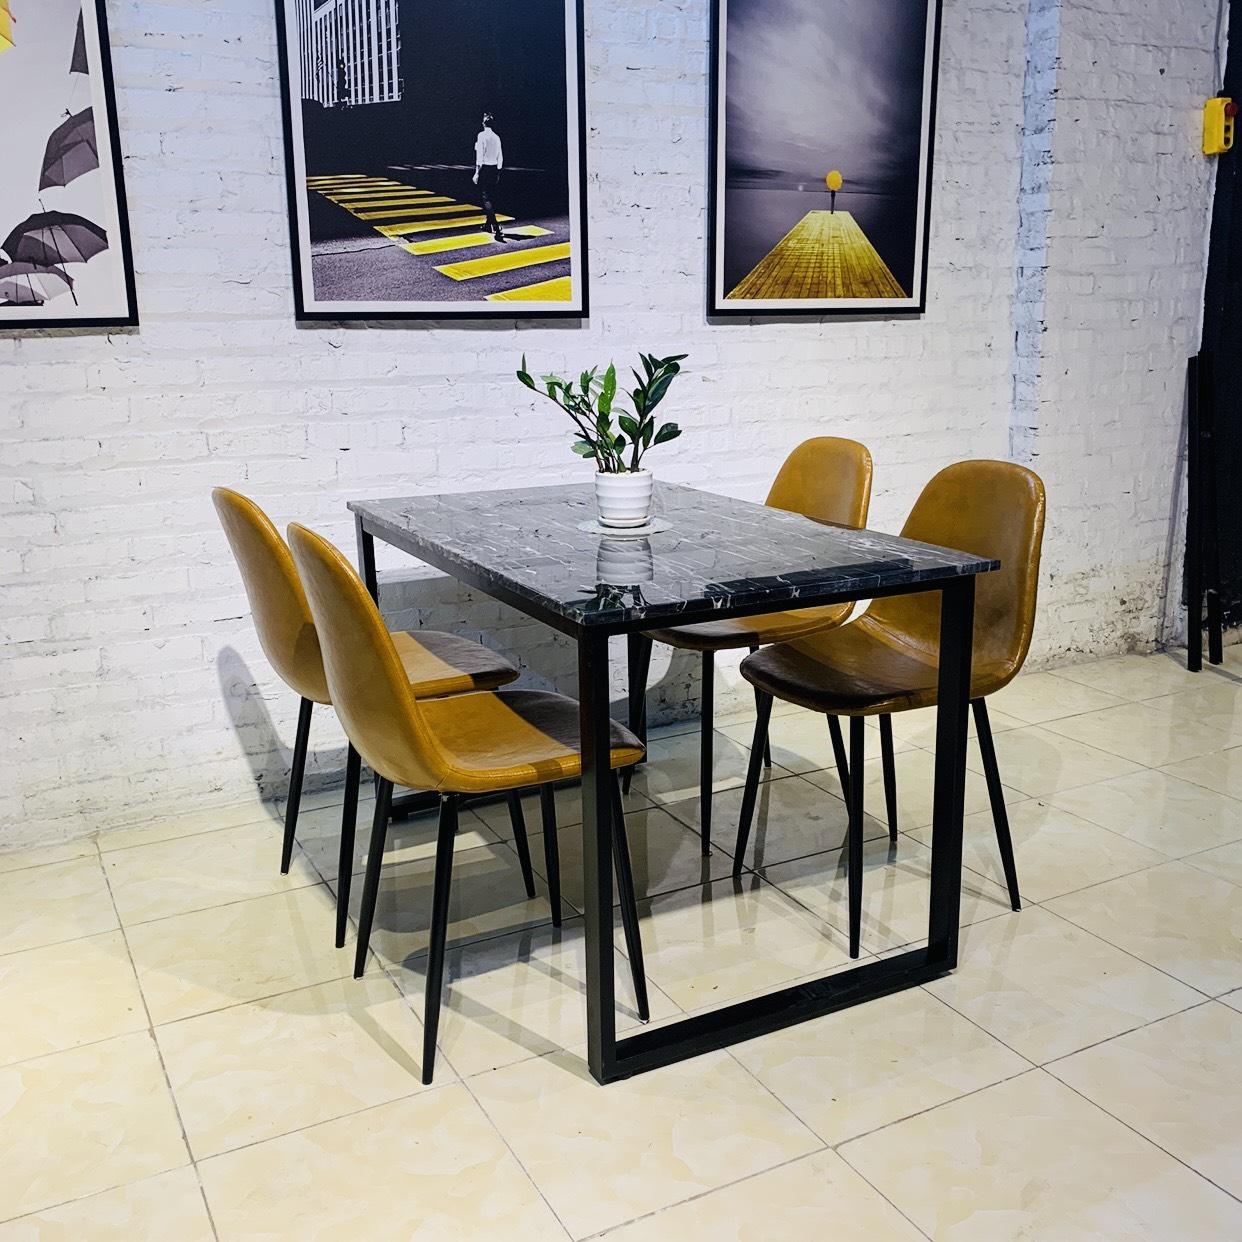 bộ bàn ăn ghế da mặt đá